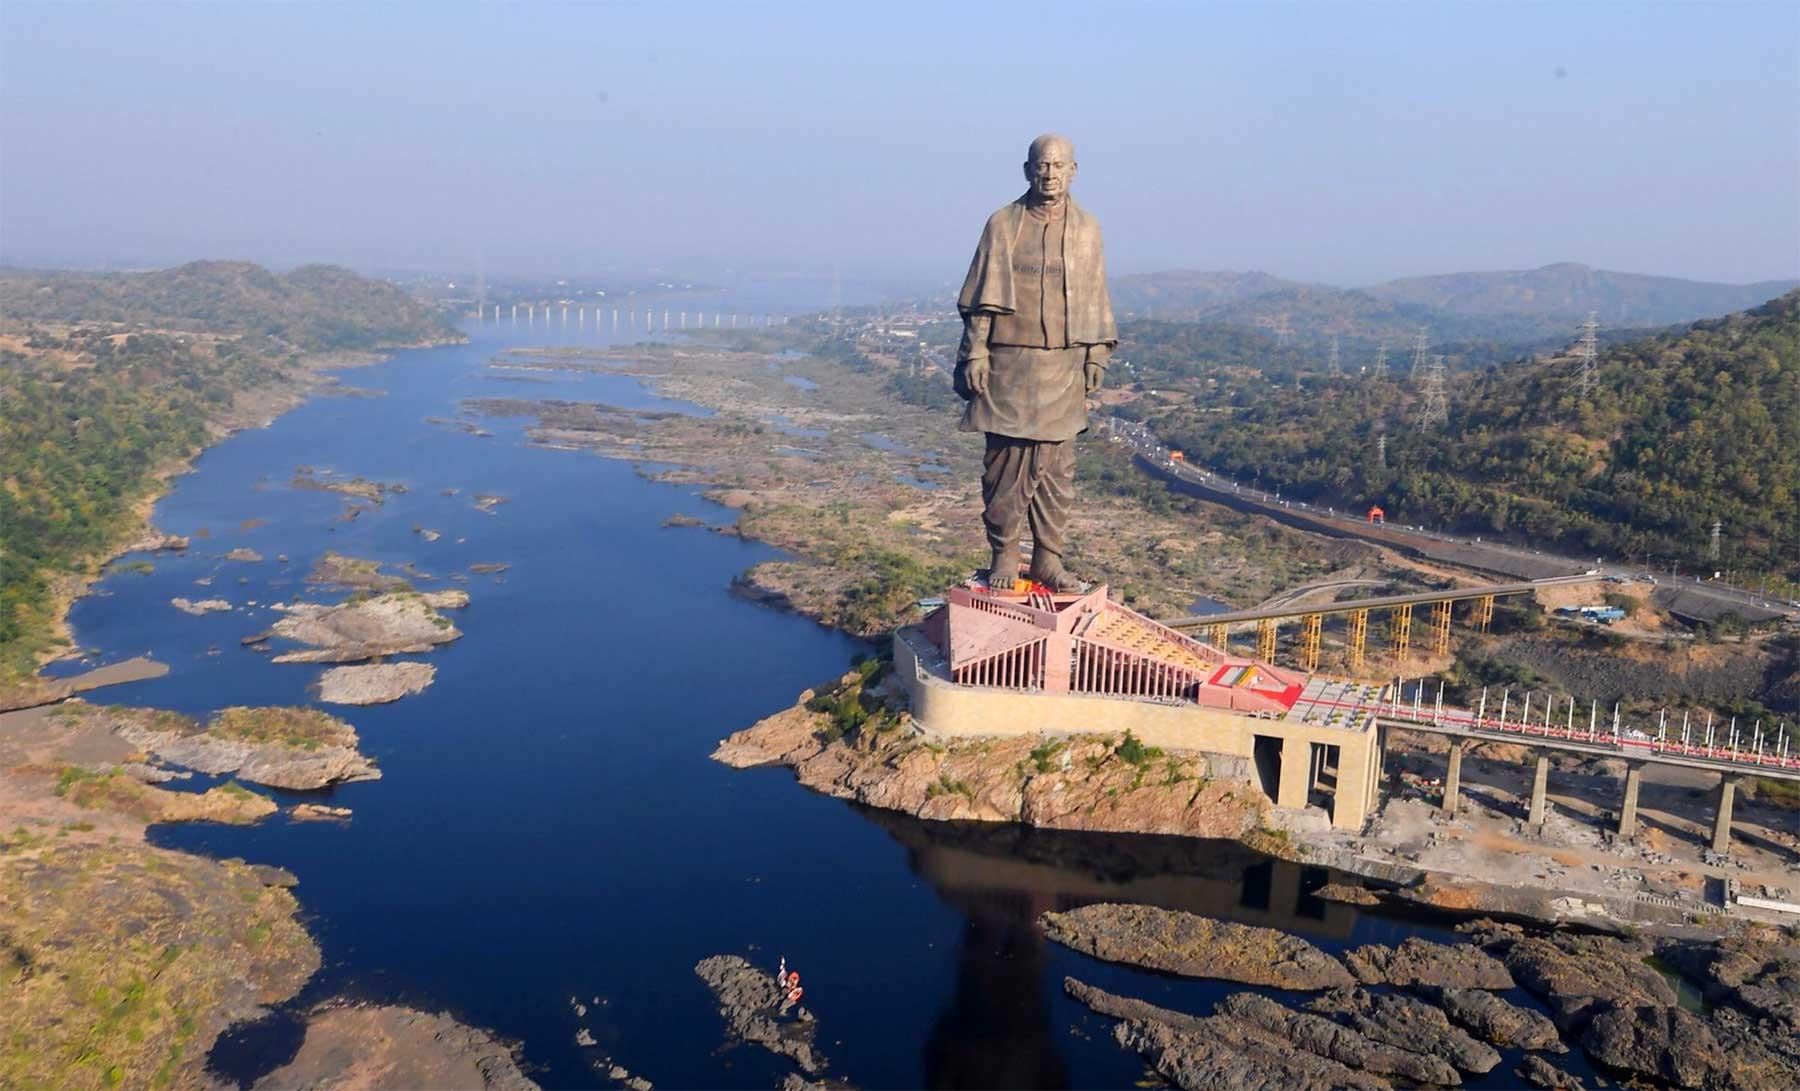 In Indien steht jetzt die größte Statue der Welt groesste-statue-der-welt-statue-of-unity_05